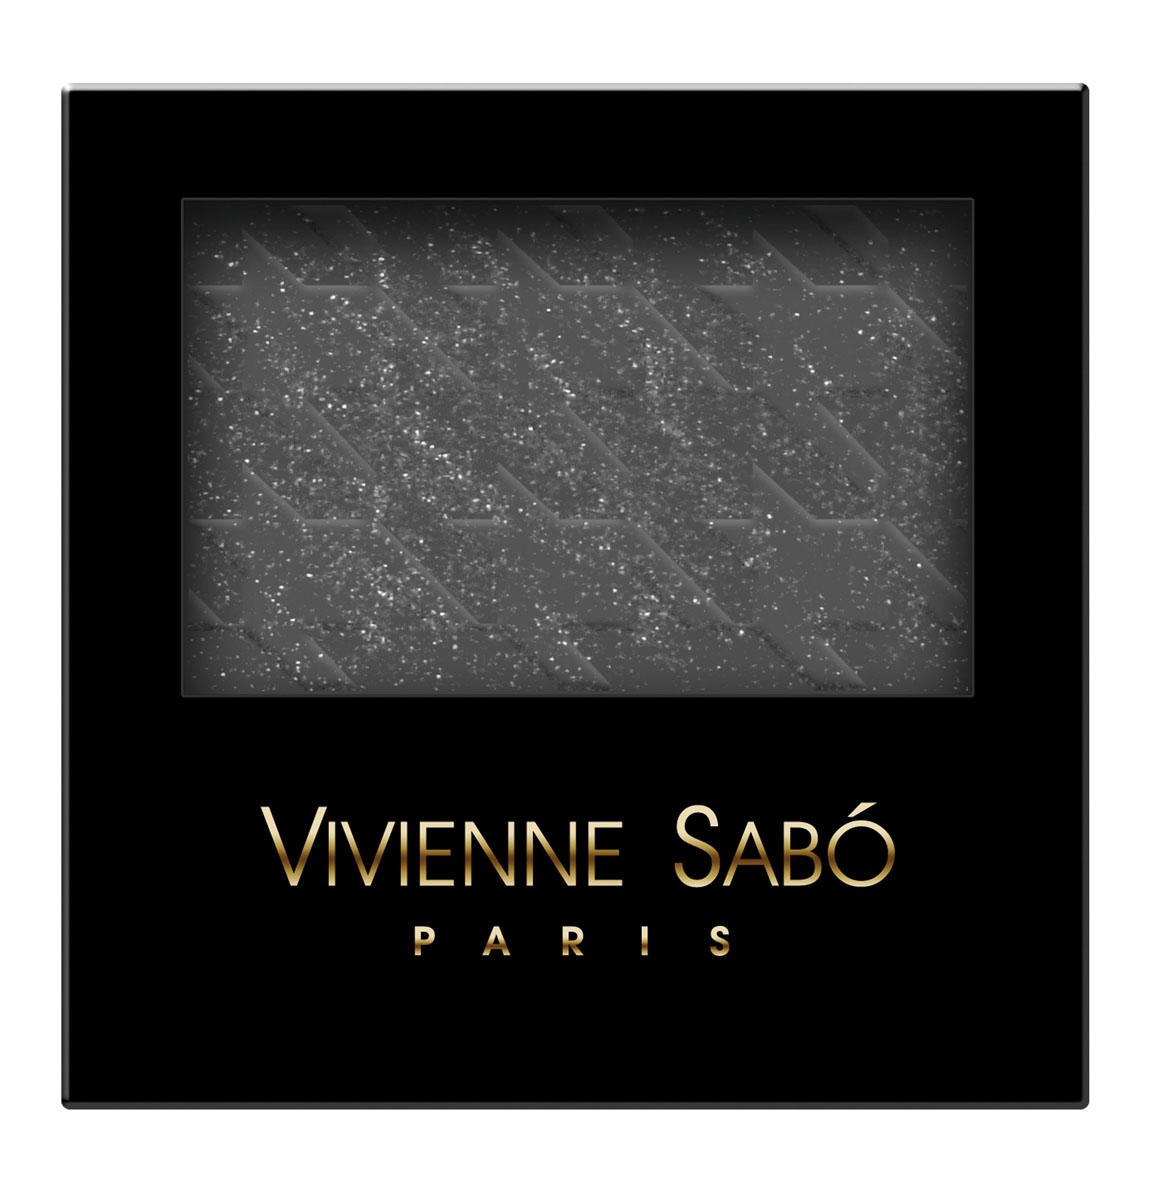 Vivienne SaboТени для век мерцающие Rue de Rivoli, тон 102, 3 г28032022Тени Vivienne Sabo с мерцающими блестками – этот эффект стал возможен благодаря натуральному серебру в составе. Текстура теней, повторяющая знаменитый узор «пье-де-пуль», введенный в моду Коко Шанель – напоминание о том, что улица Риволи – прекрасное место для шоппинга. Они идеальны как для несложного макияжа в один тон, так и для техники smoky eyes – модной и стильной.